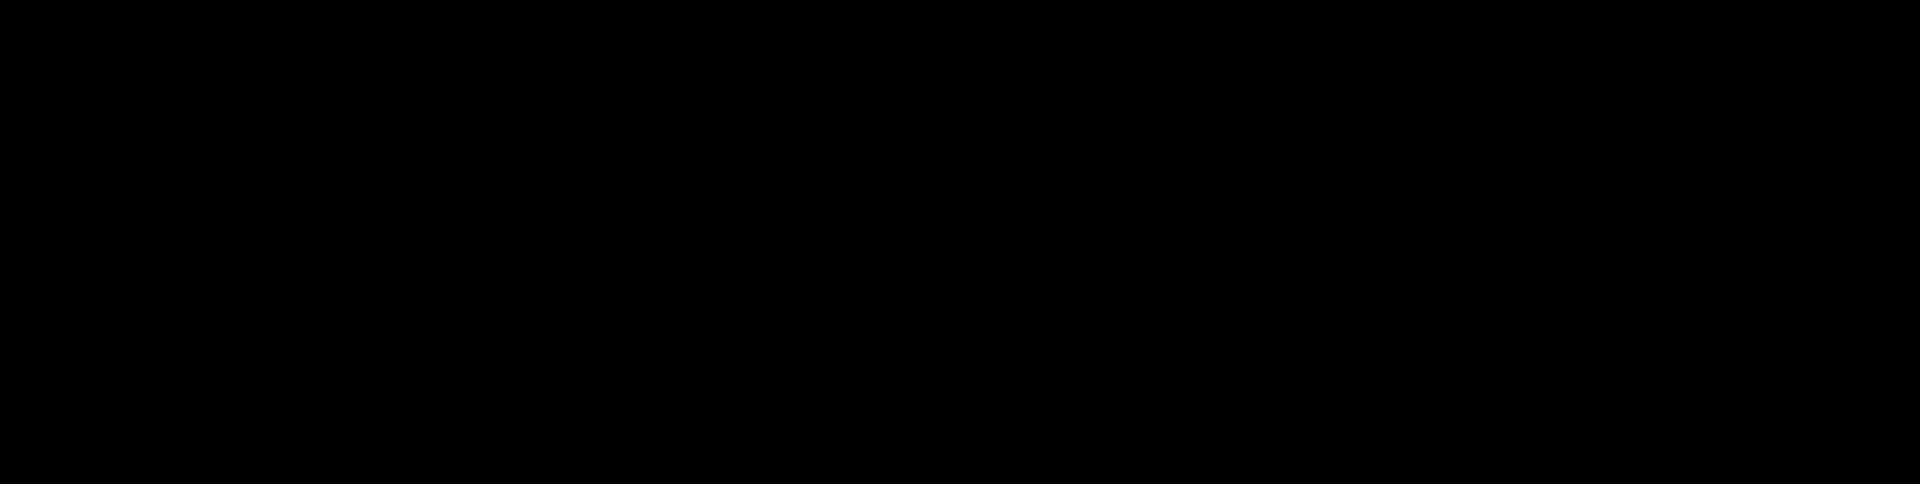 Cobb Logo 2.png